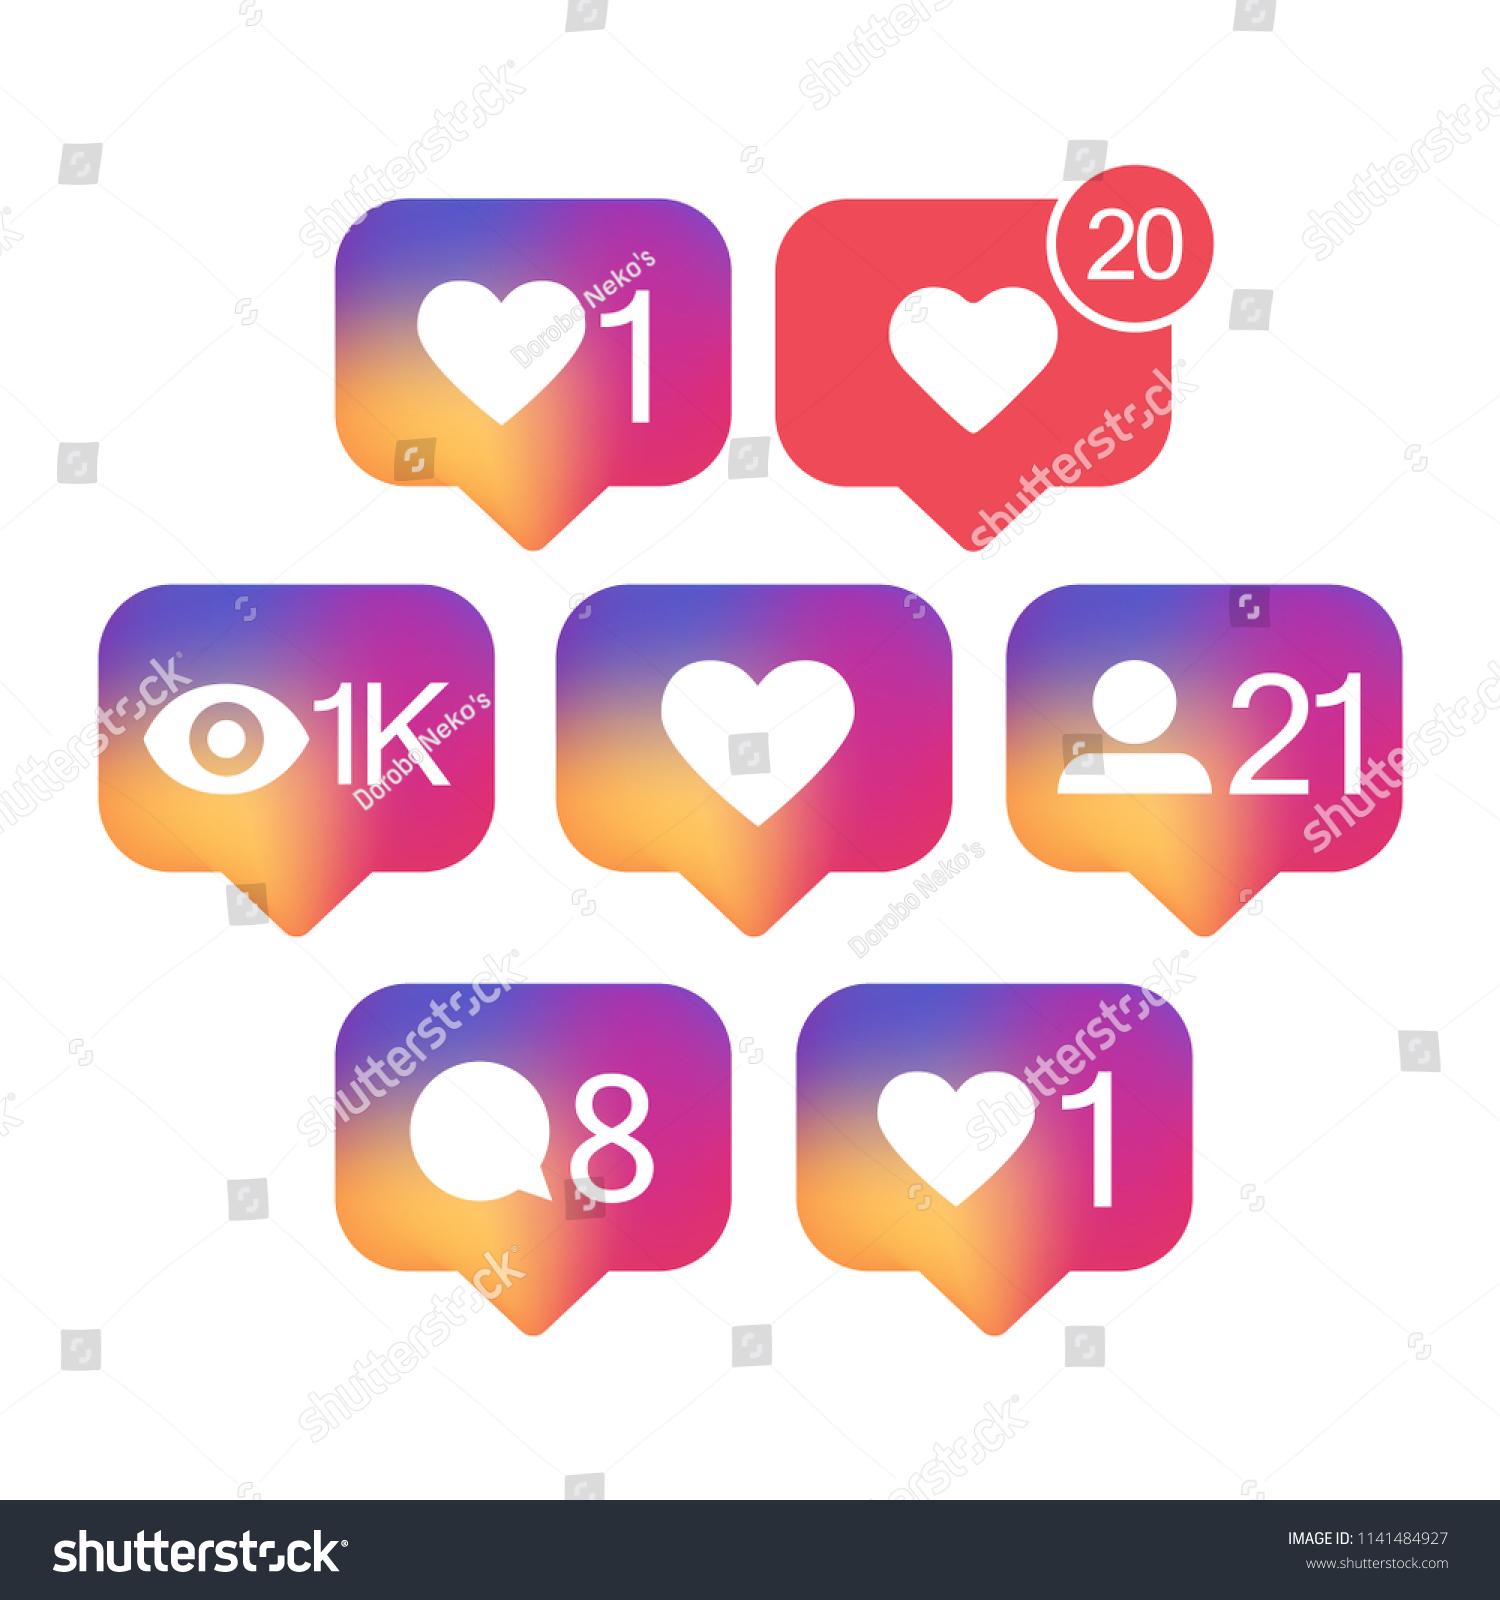 Notification Counter Icon Vector Social Media Stock Vector Royalty